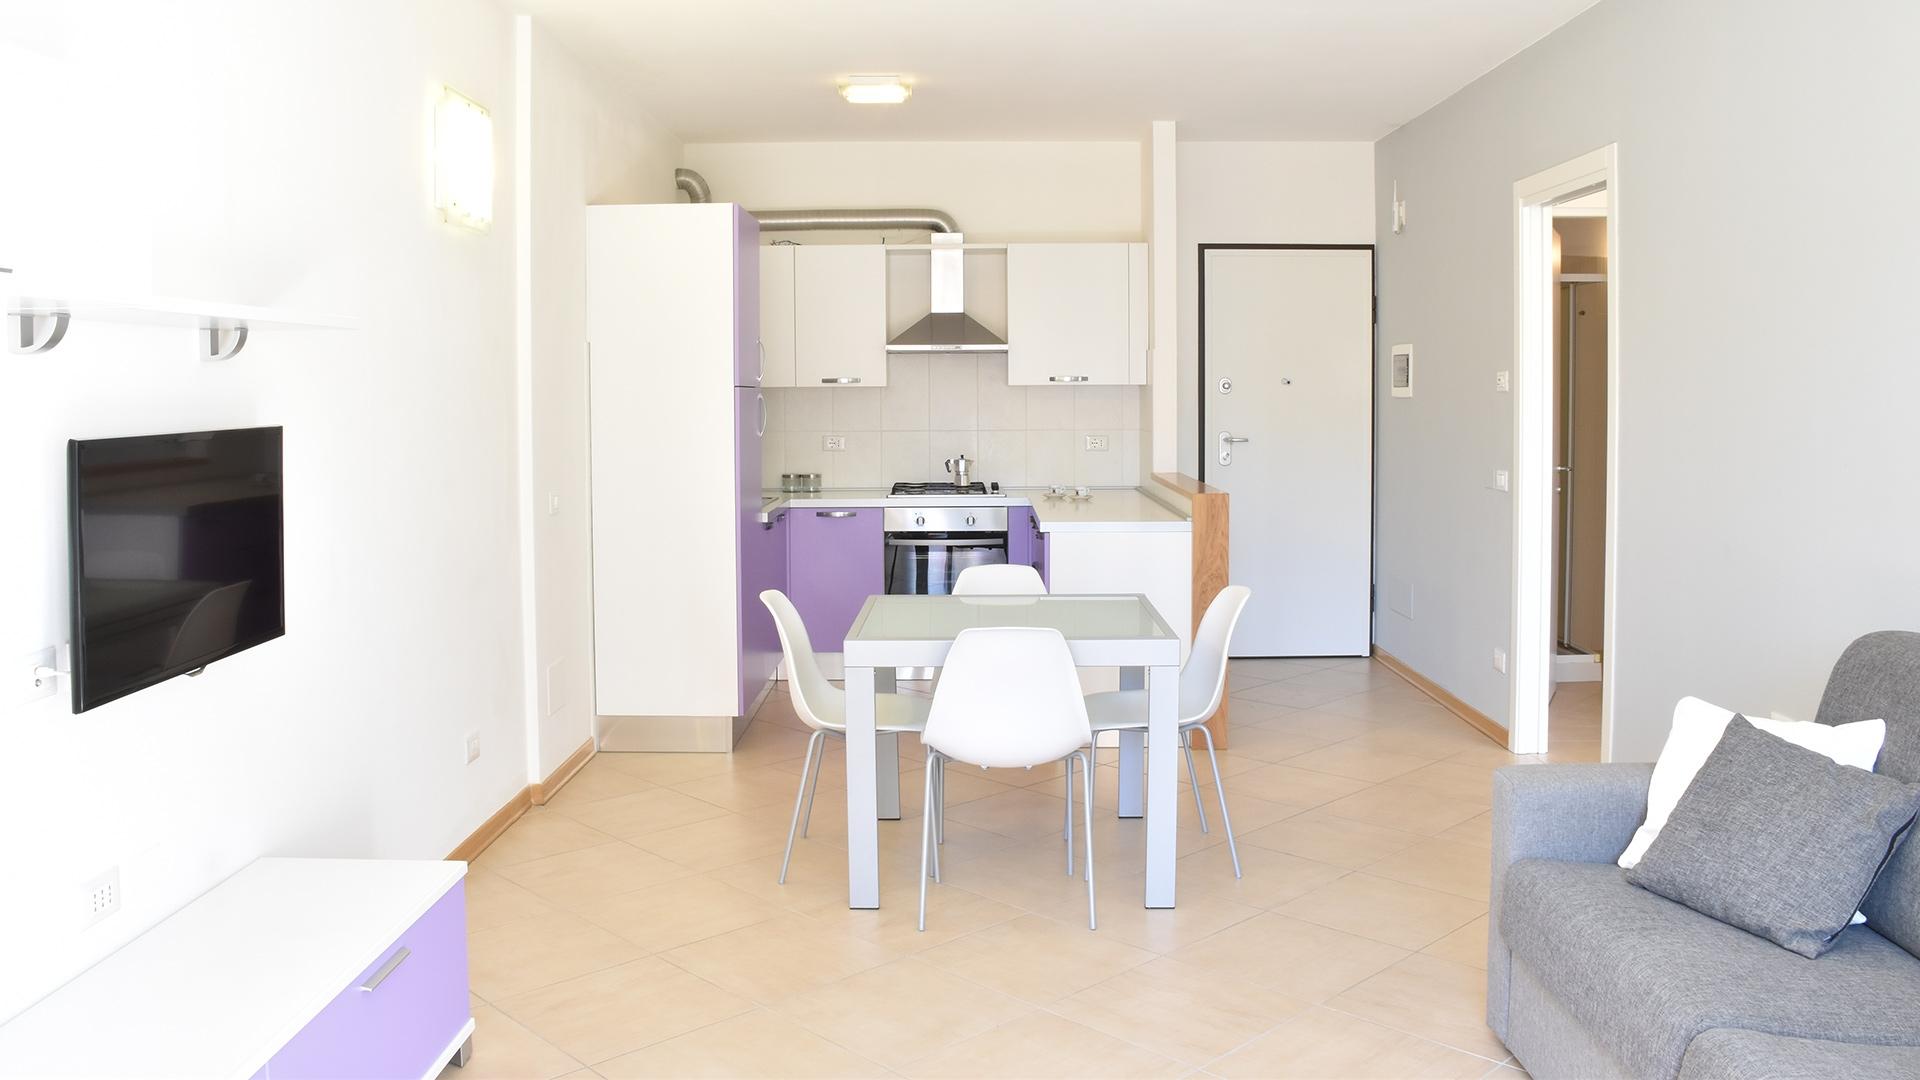 Appartamento arredato in affitto a ravenna zona centro for Affitto pontecagnano arredato